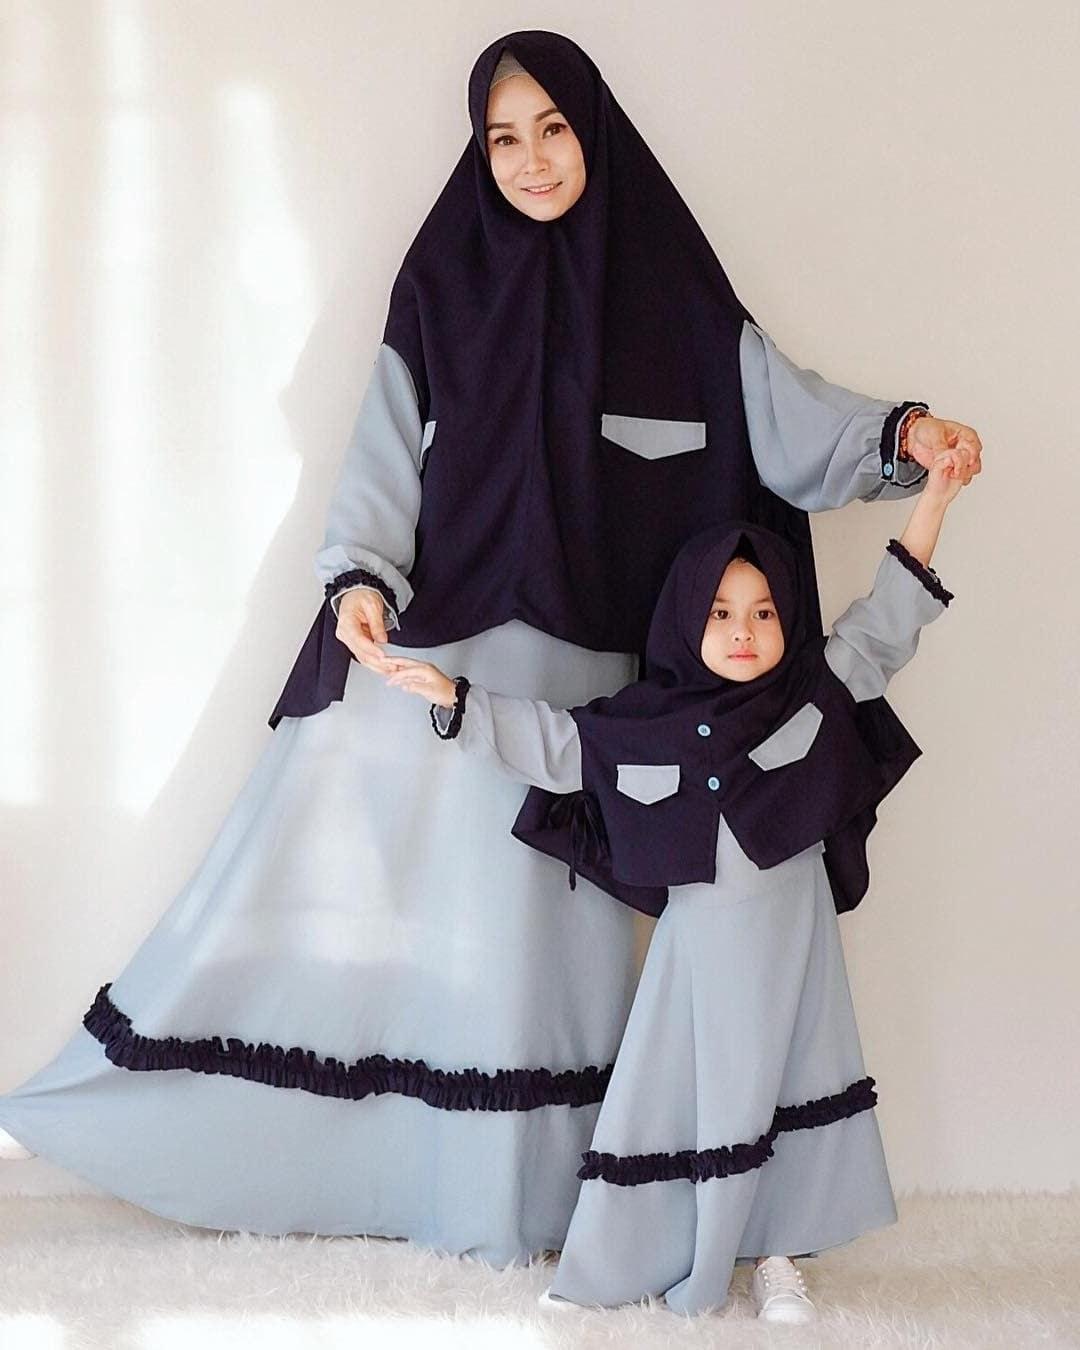 Bentuk Gamis Untuk Seragam Pernikahan Qwdq 26 Contoh Model Gamis Model Baju Gamis Terbaru